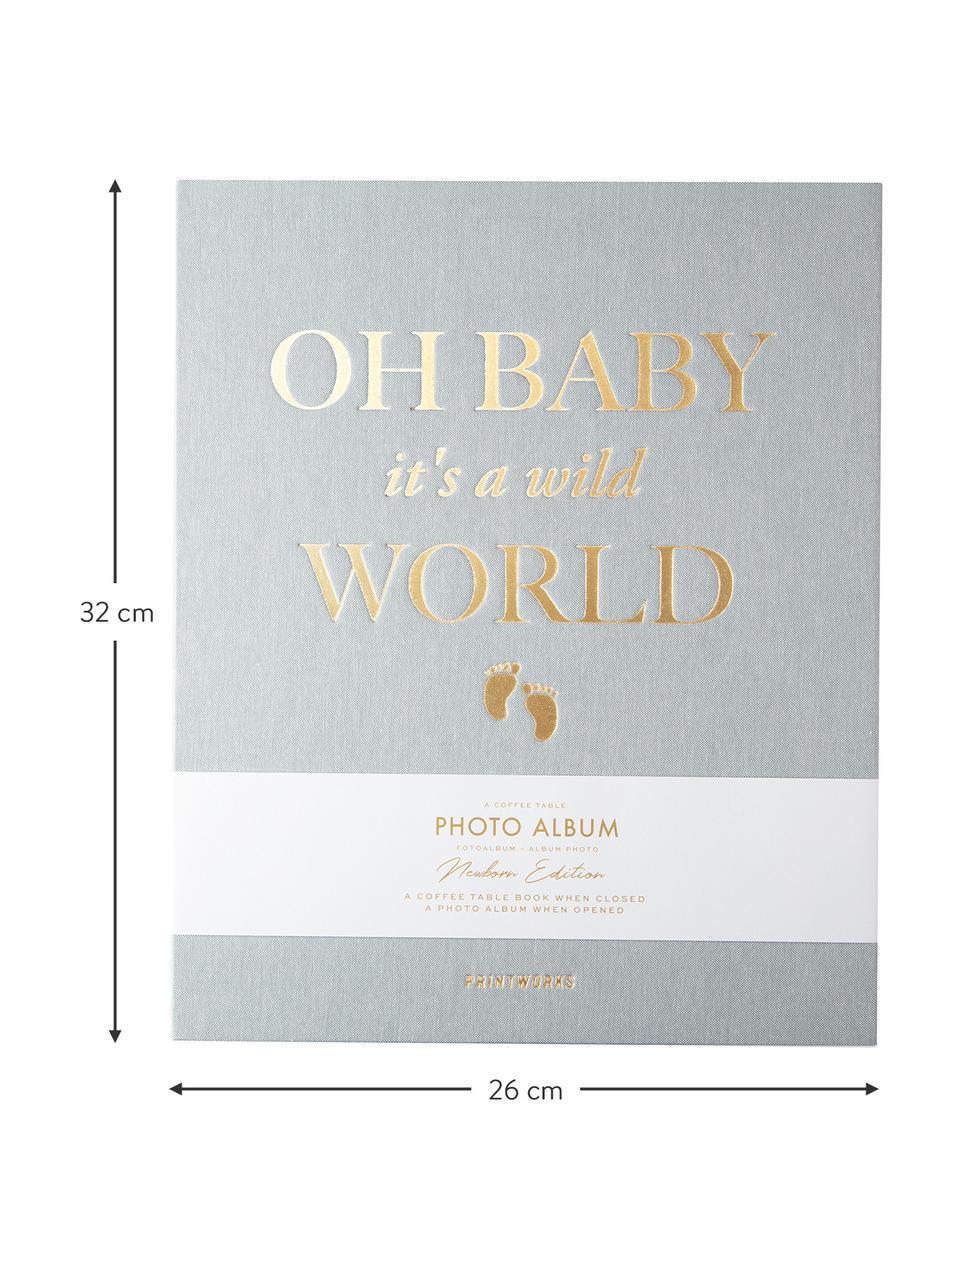 Album photos Baby It's A Wild World, Gris-bleu, couleur dorée